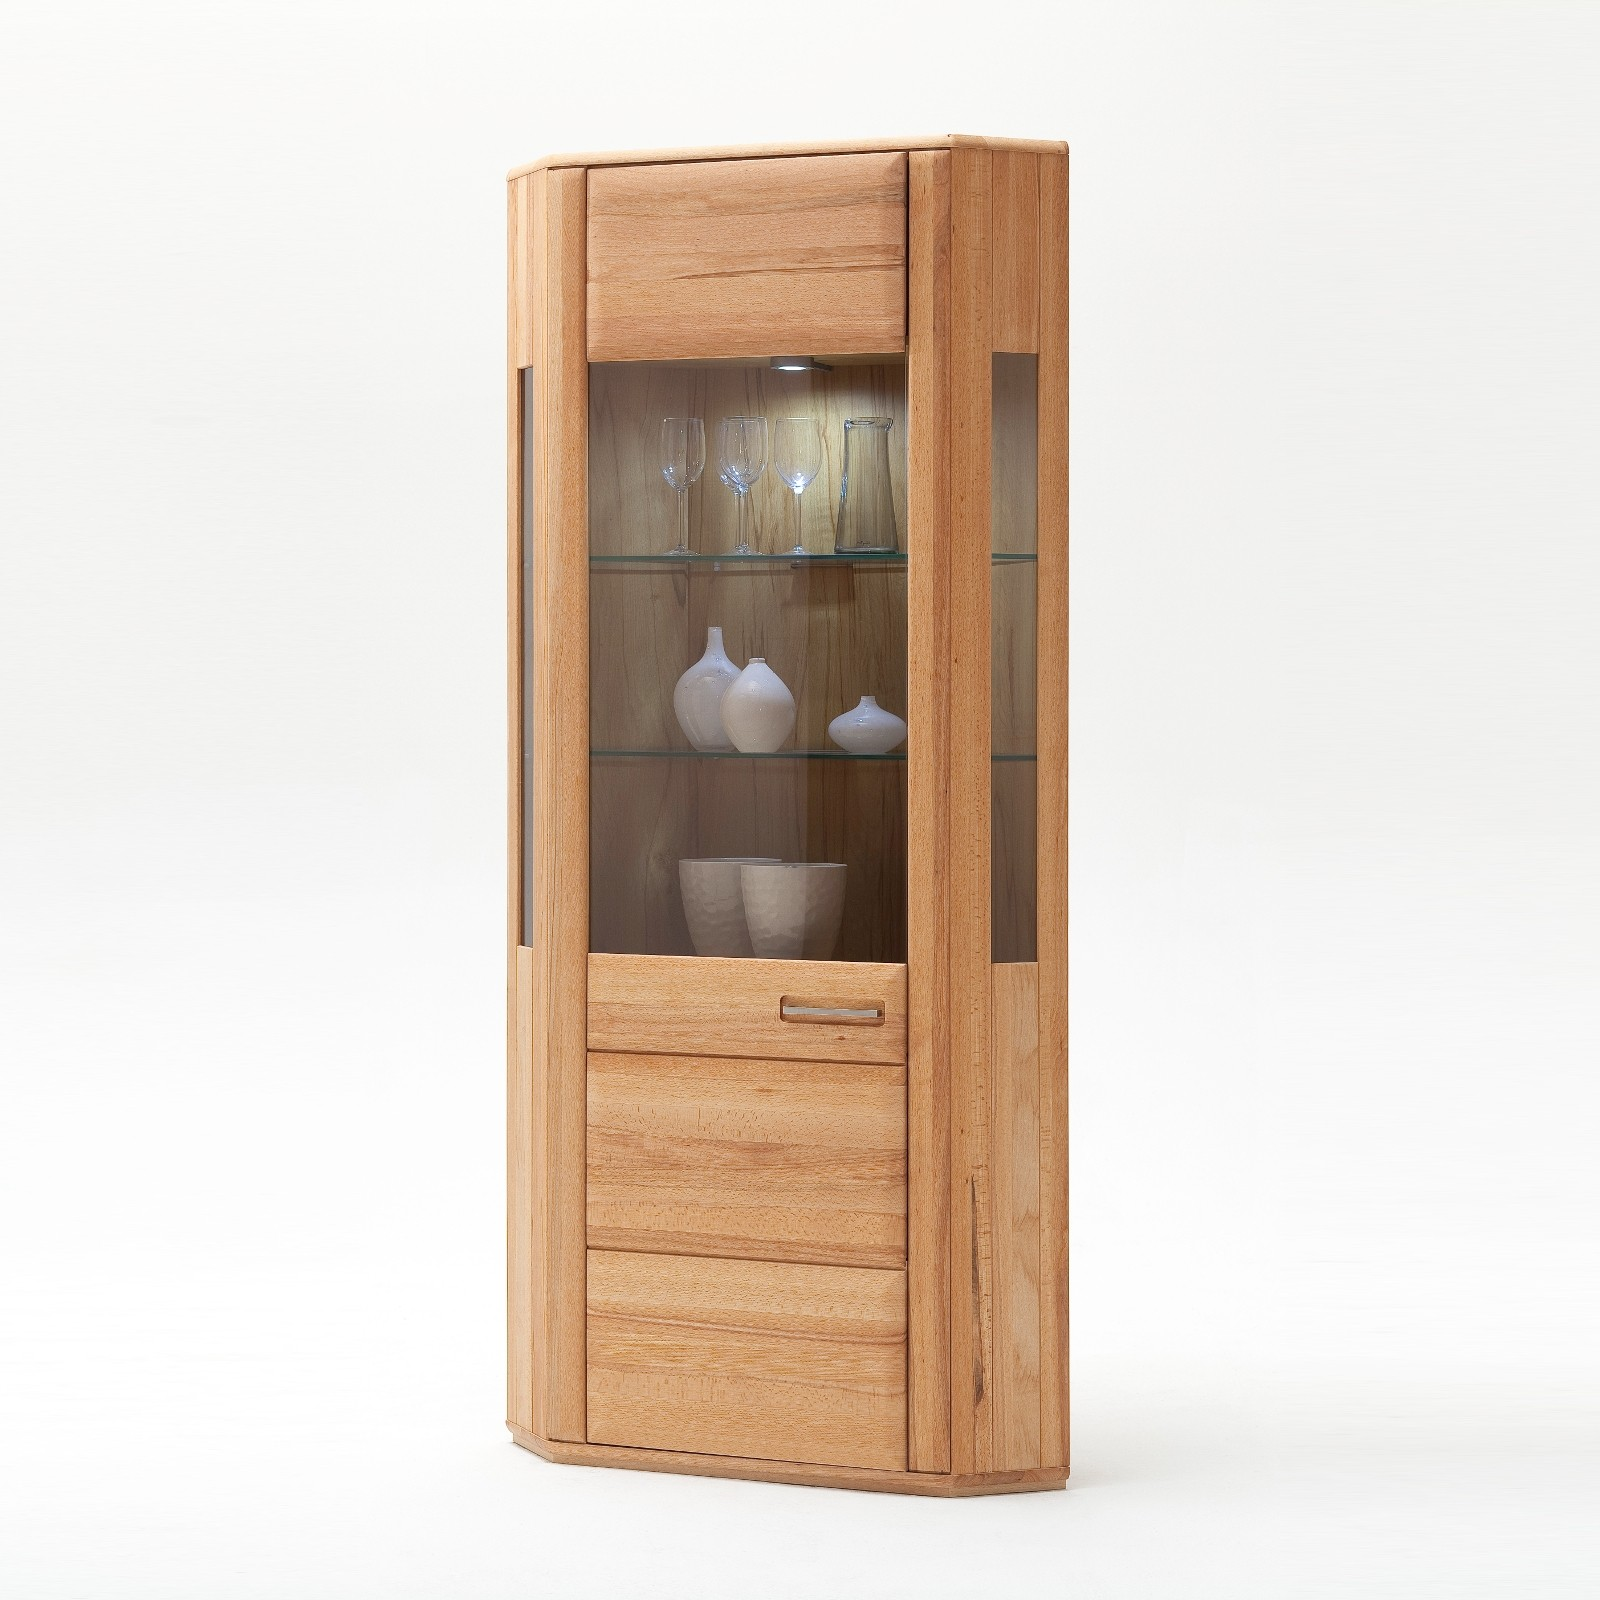 SENA von MCA Eck-Vitrine Kernbuche geölt teilmassiv | Wohnzimmer > Vitrinen > Eckvitrinen | Kernbuche - Massiv - Furniert - Holz - Glas | MCA furniture